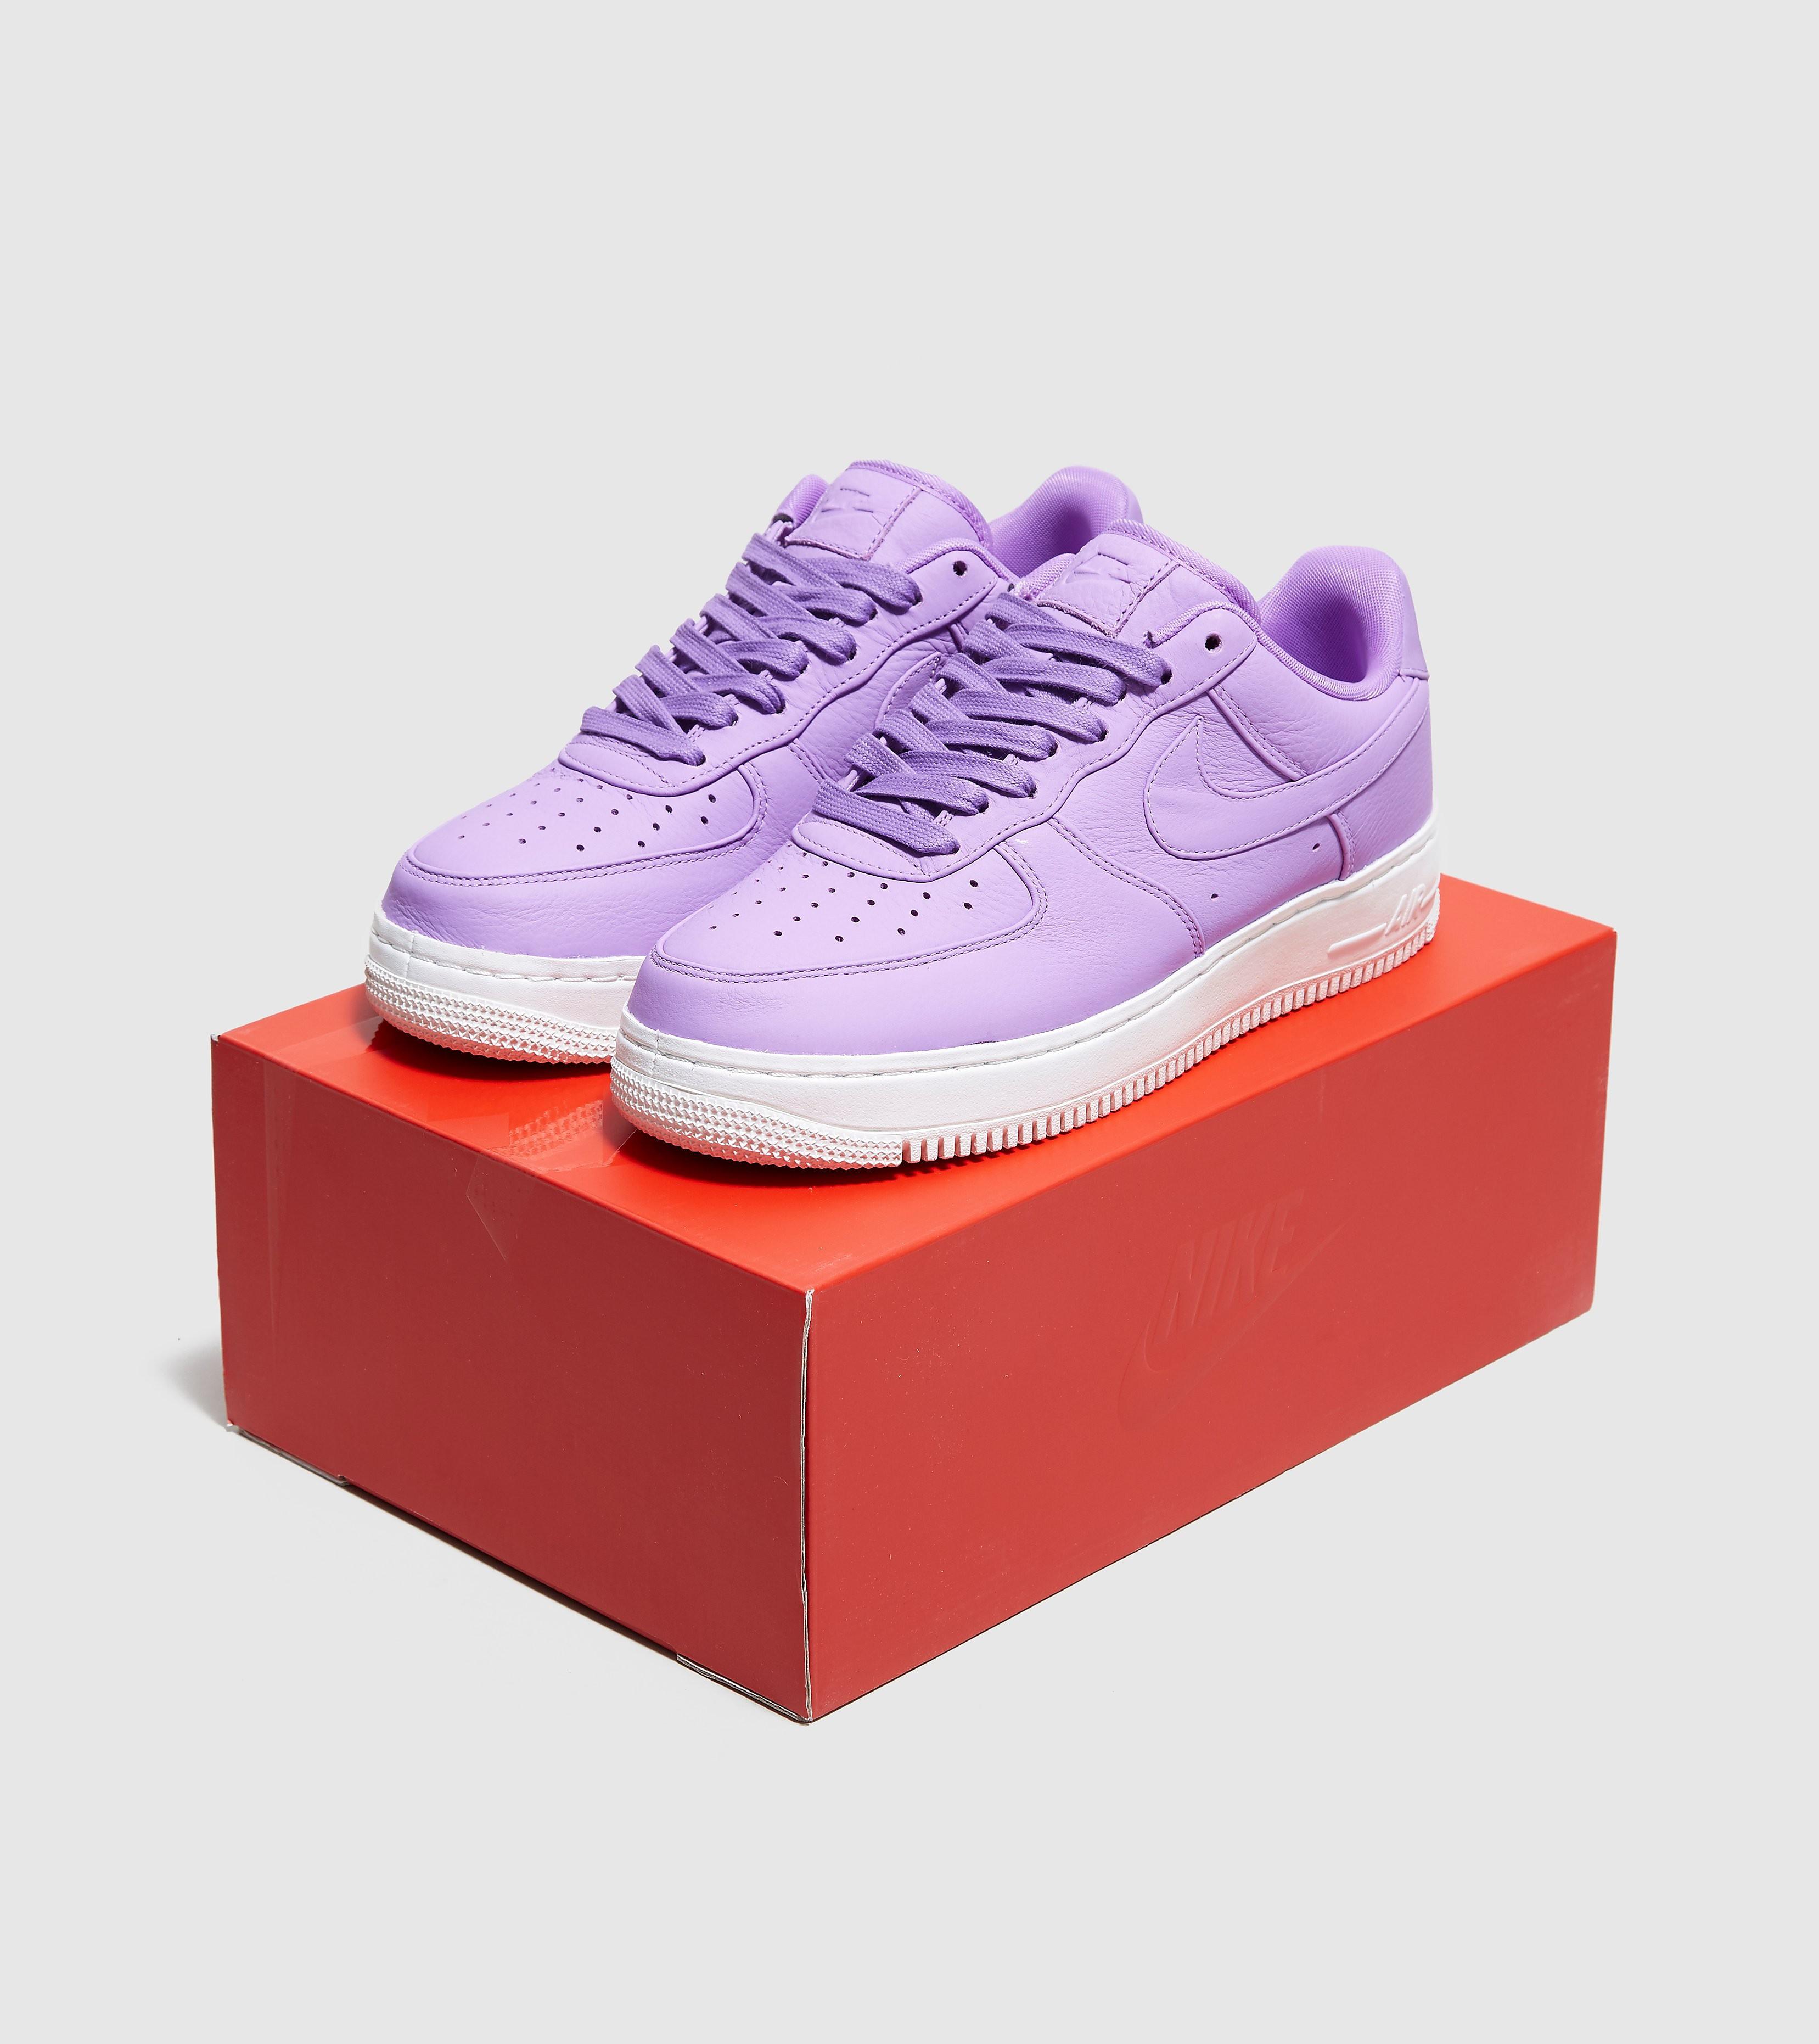 Nike AF1 Low Lux TZ